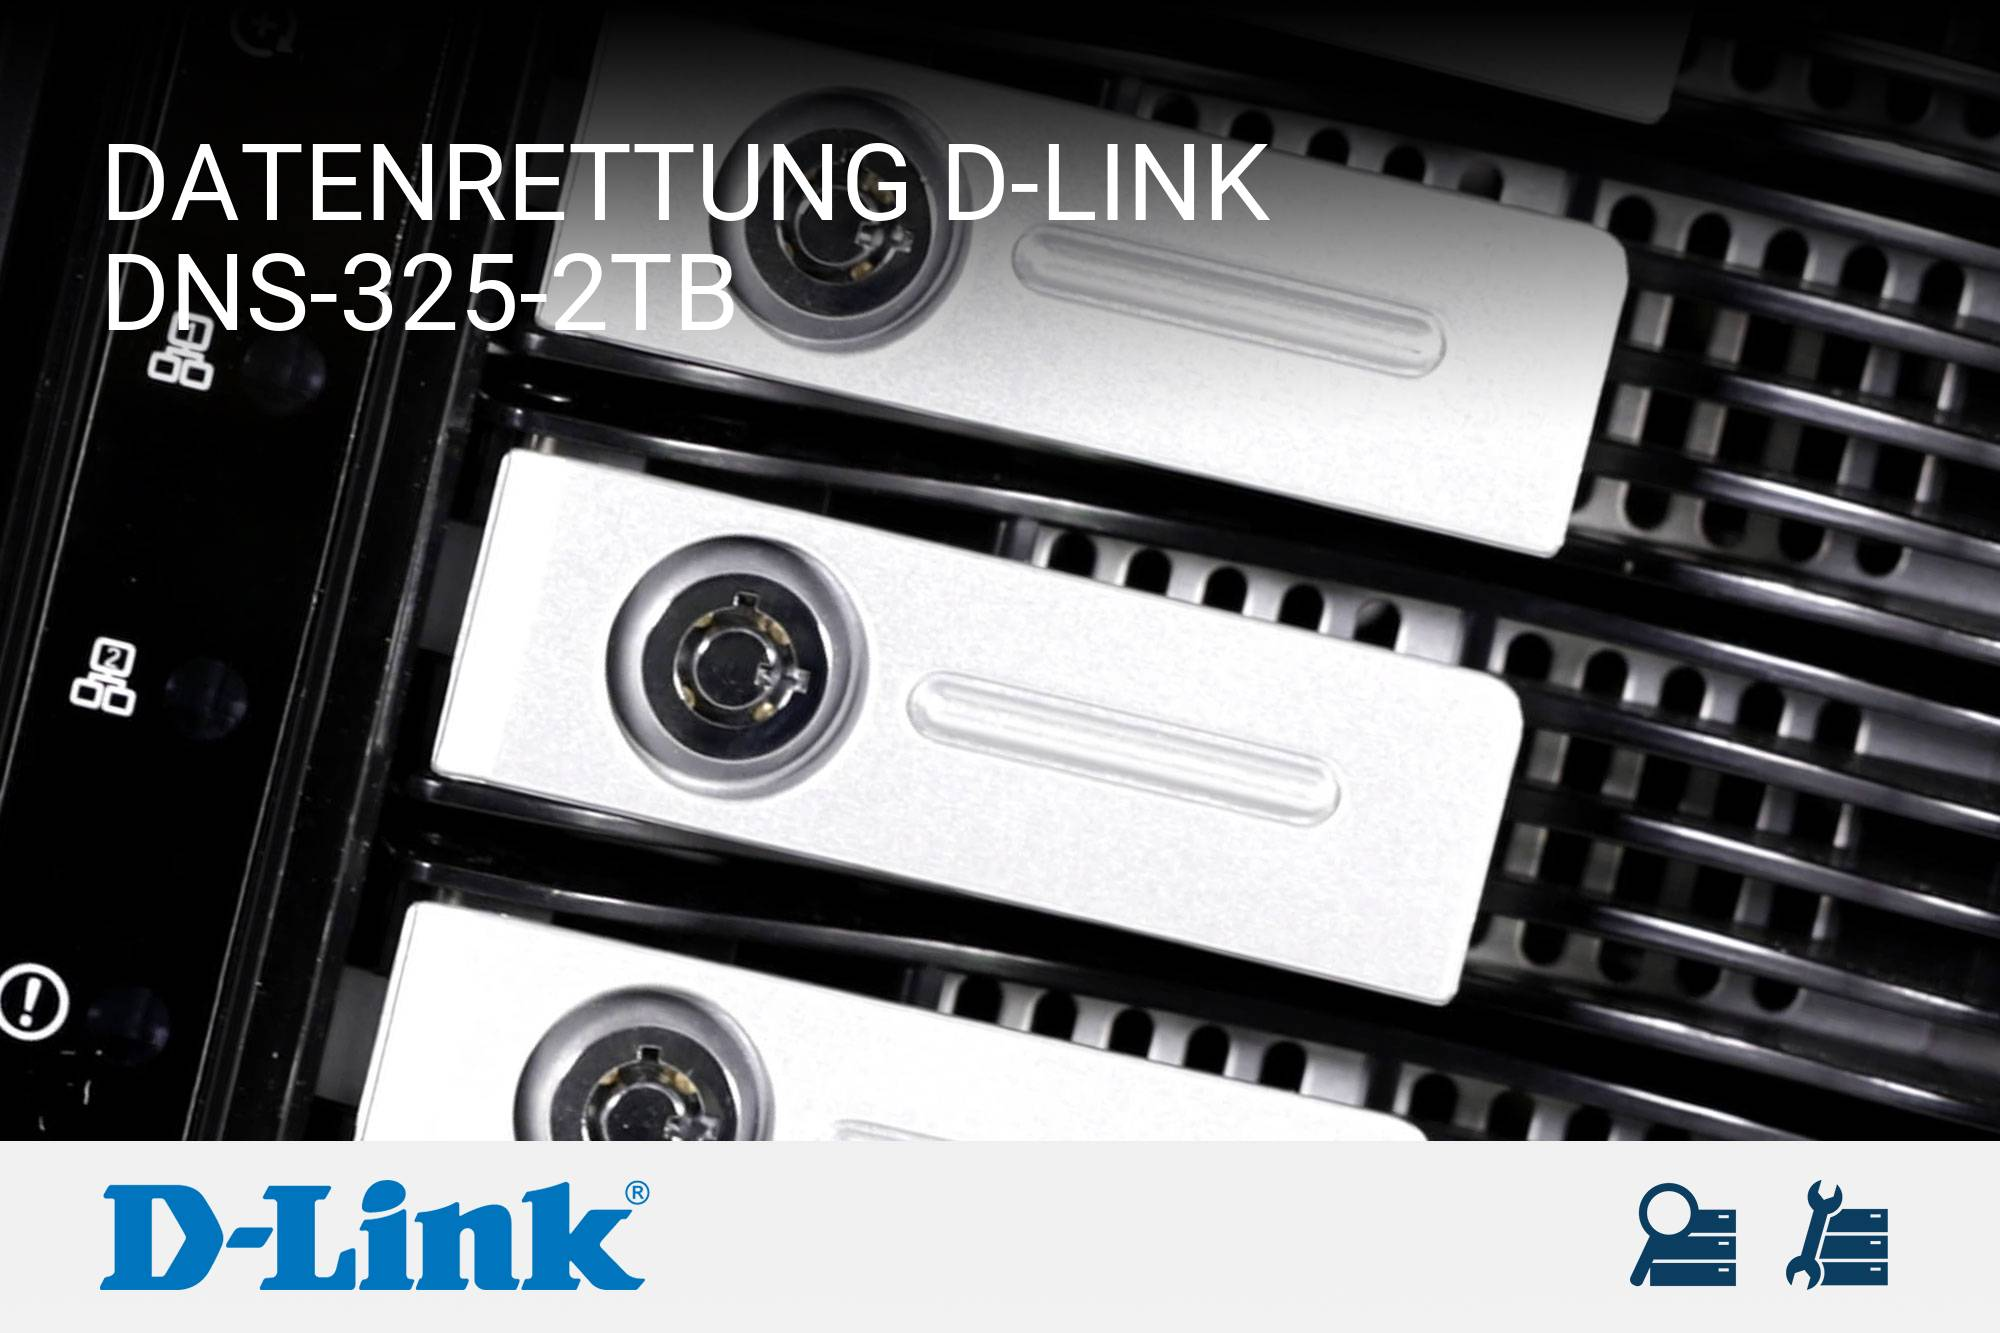 D-Link DNS-325-2TB